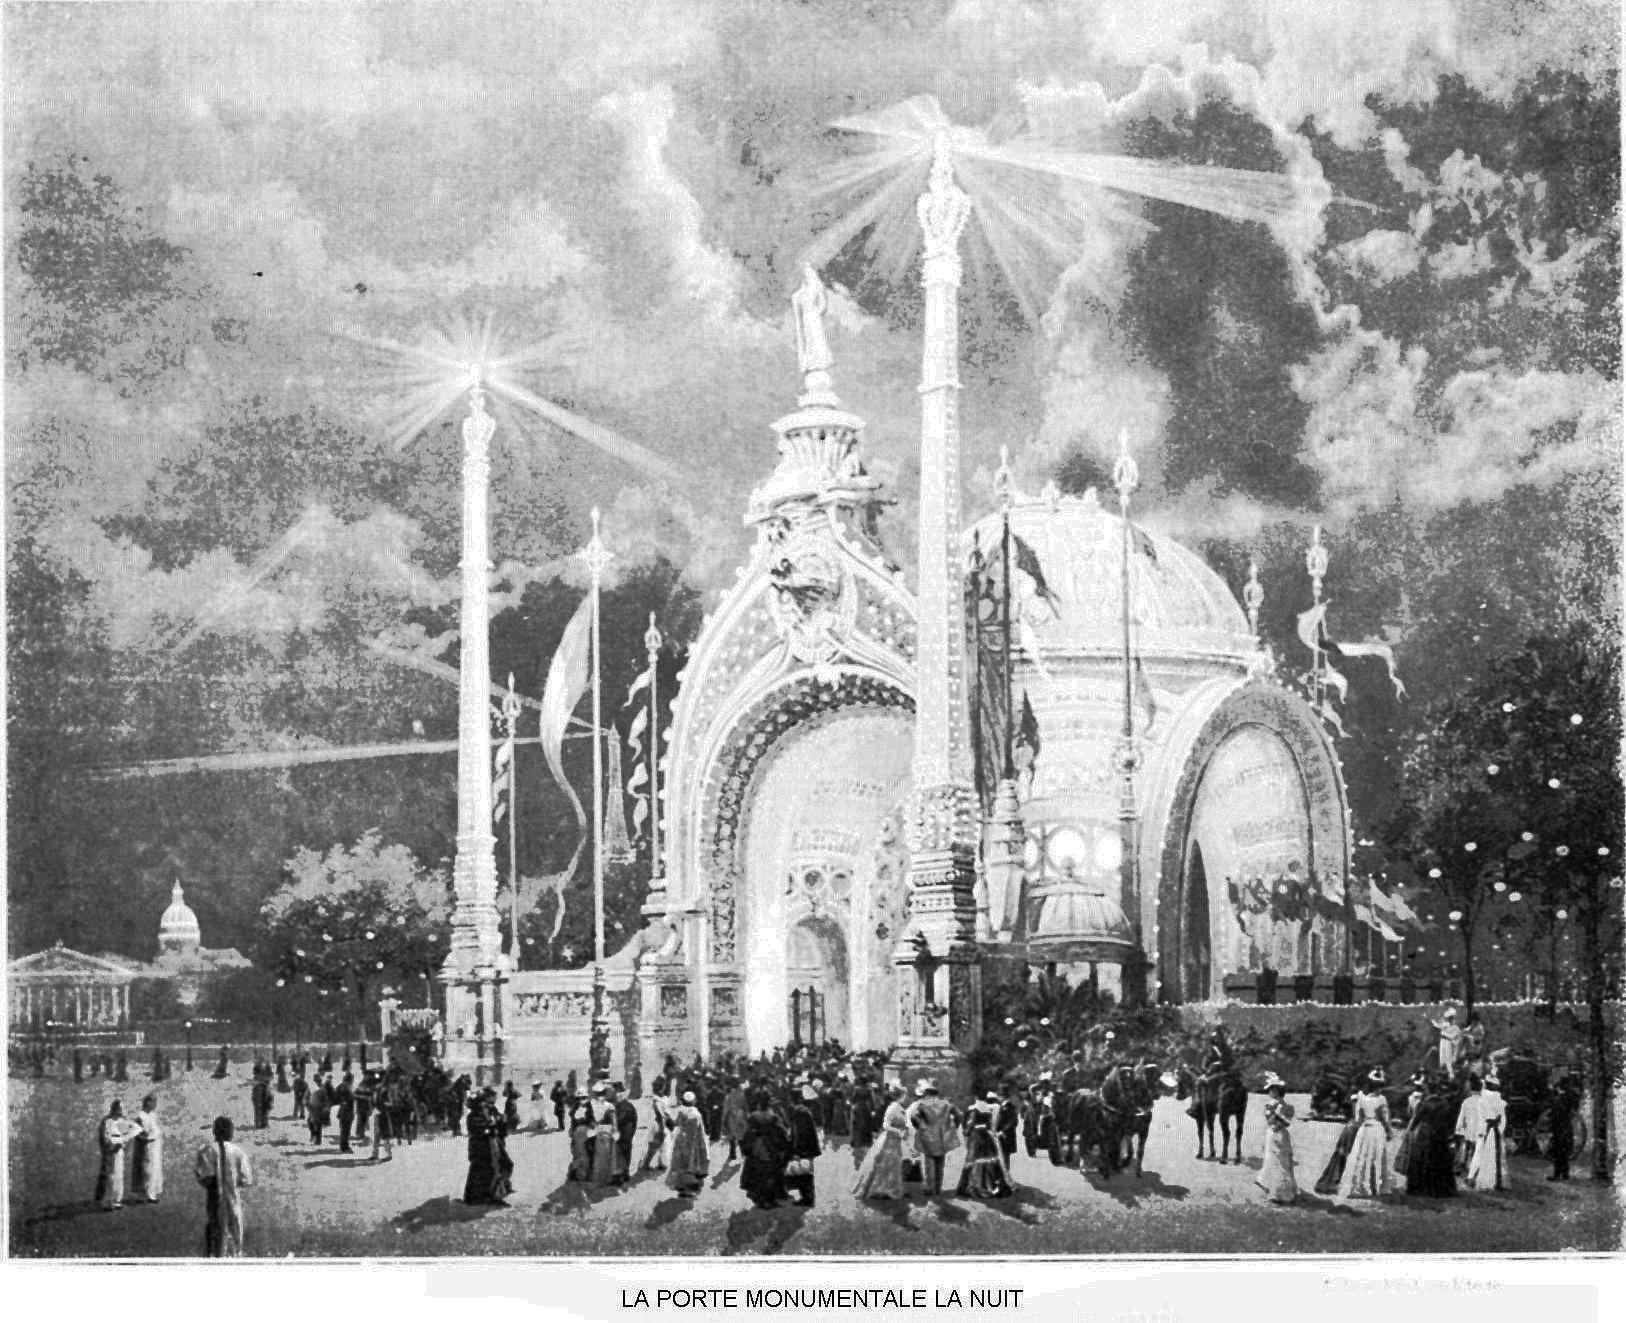 Ressources histoire exposition universelle 1900 la porte monumentale la nuit